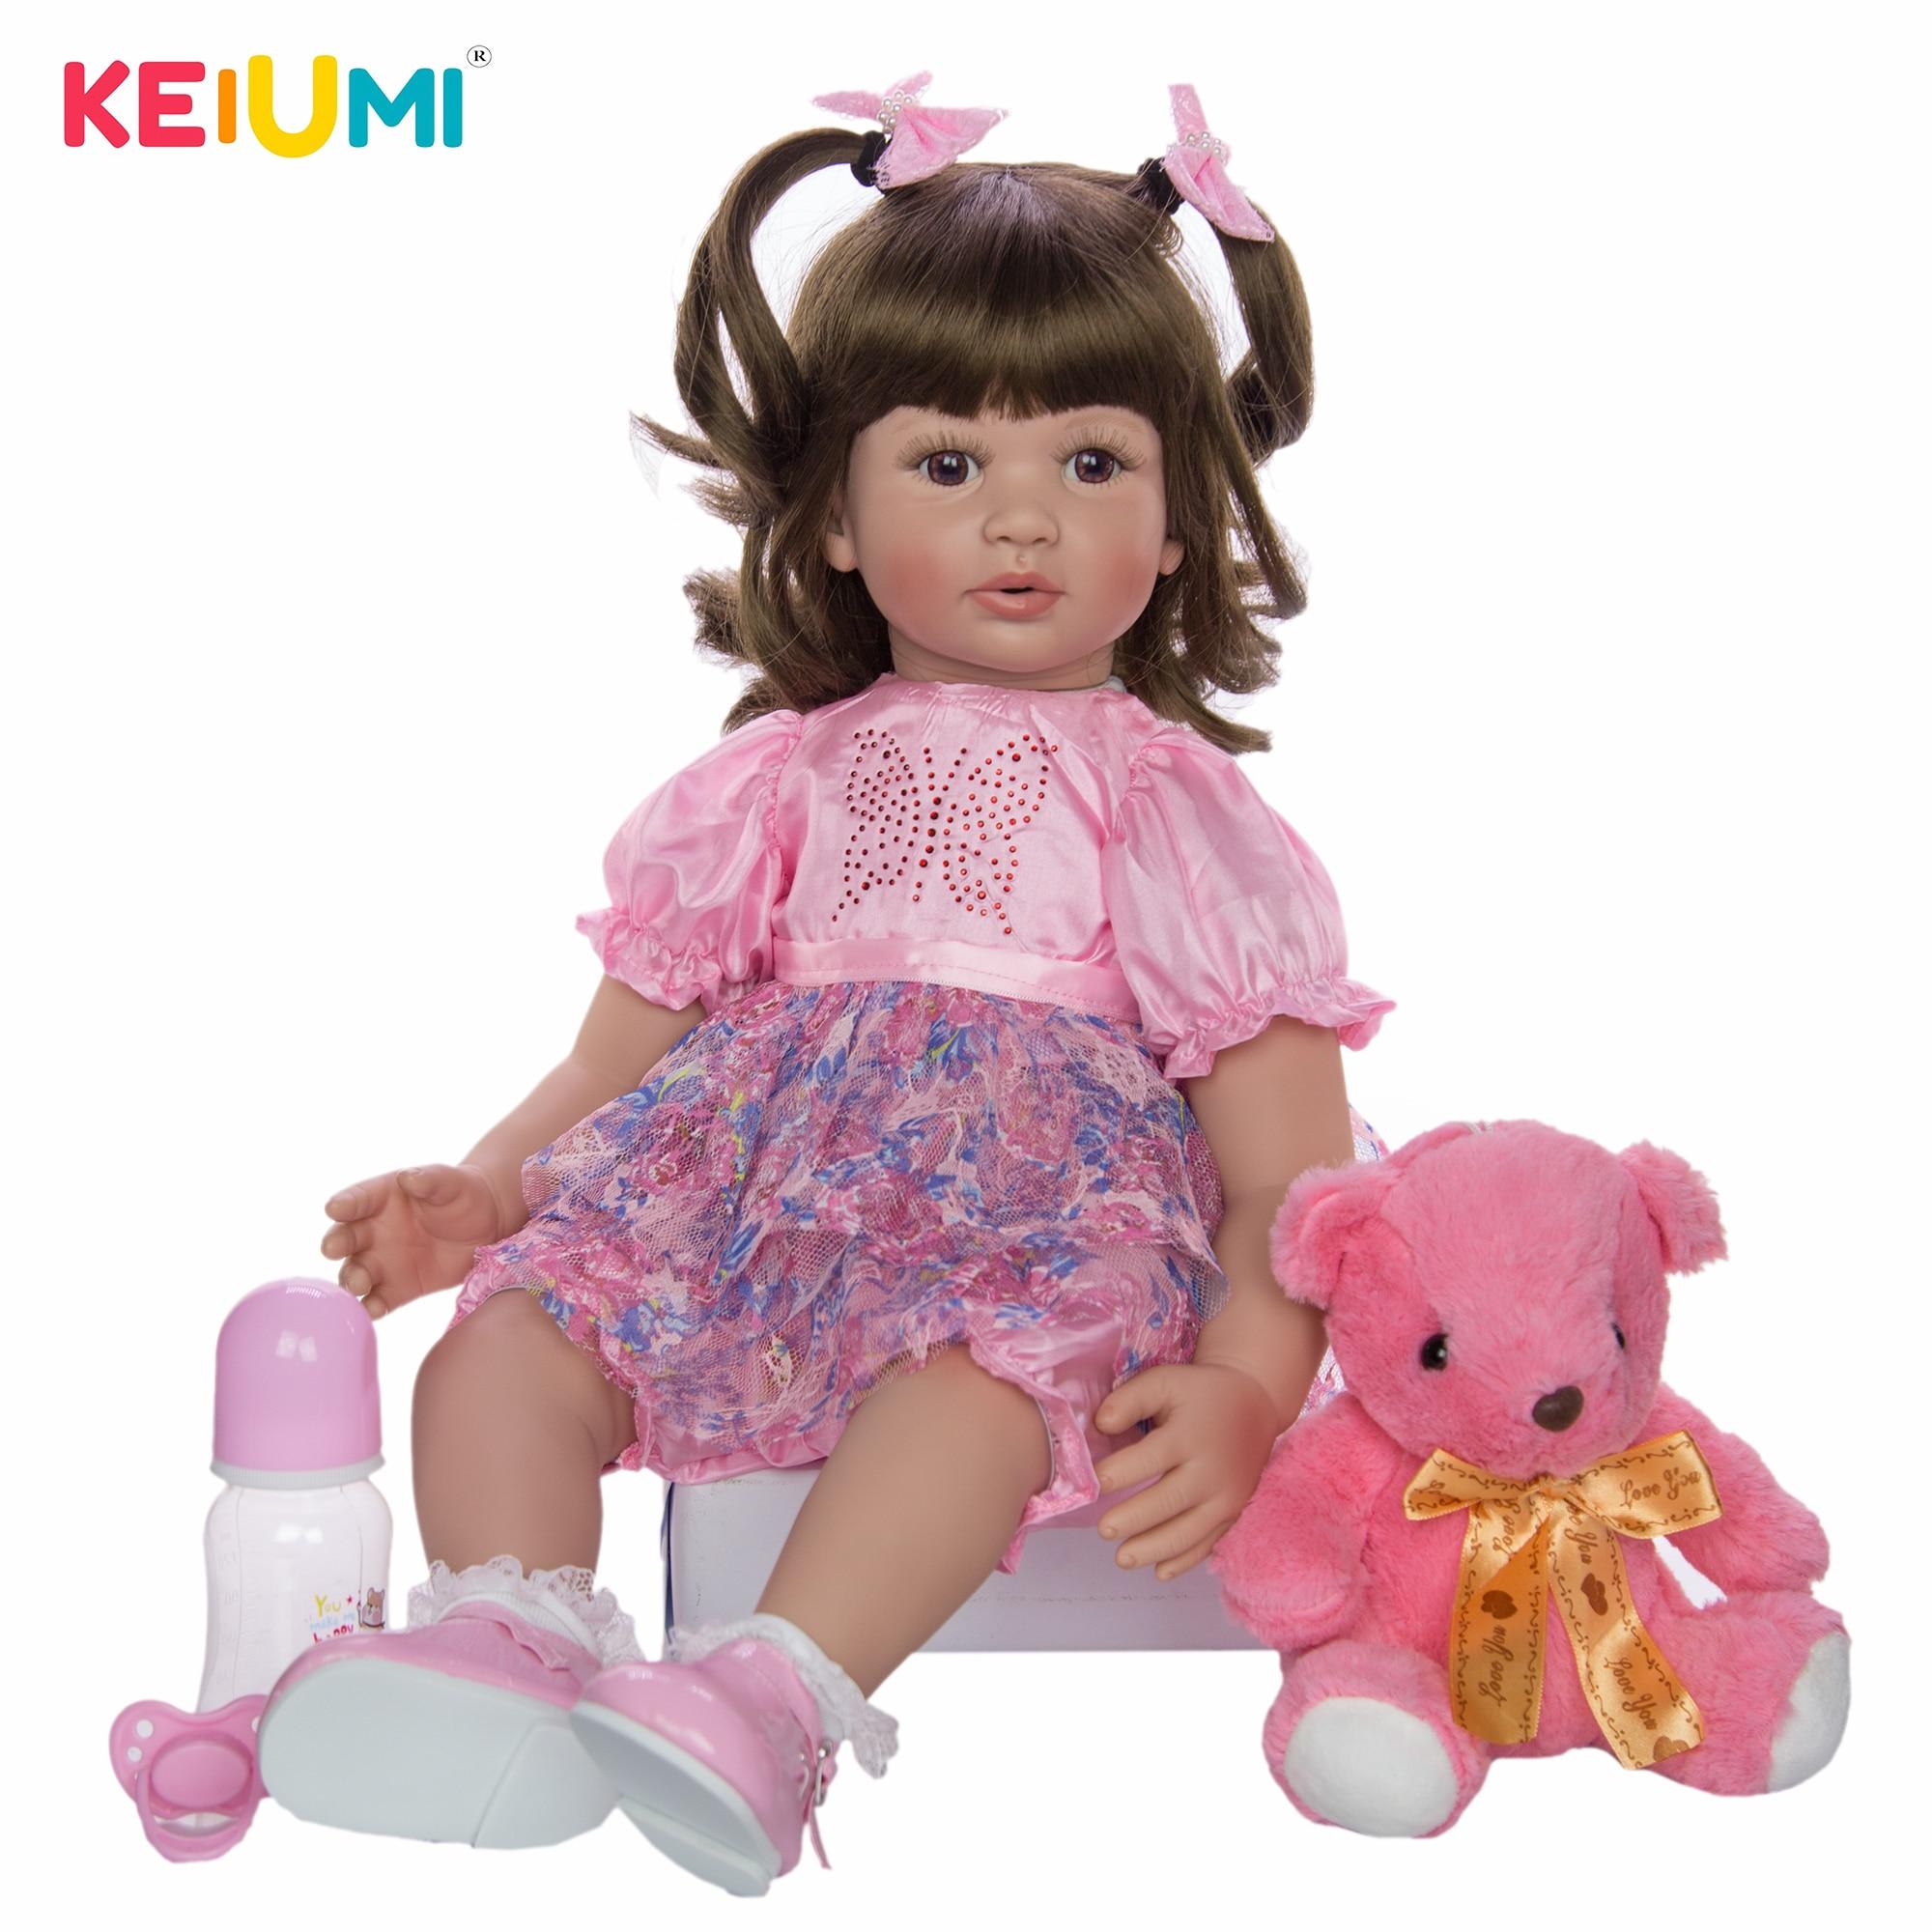 KEIUMI 24 Inch Reborn Puppen 60cm Tuch Körper Neugeborenen Mädchen Babys Spielzeug Prinzessin Boneca Baby Puppe Für Verkauf Kid geburtstag Geschenk Sammeln-in Puppen aus Spielzeug und Hobbys bei  Gruppe 1